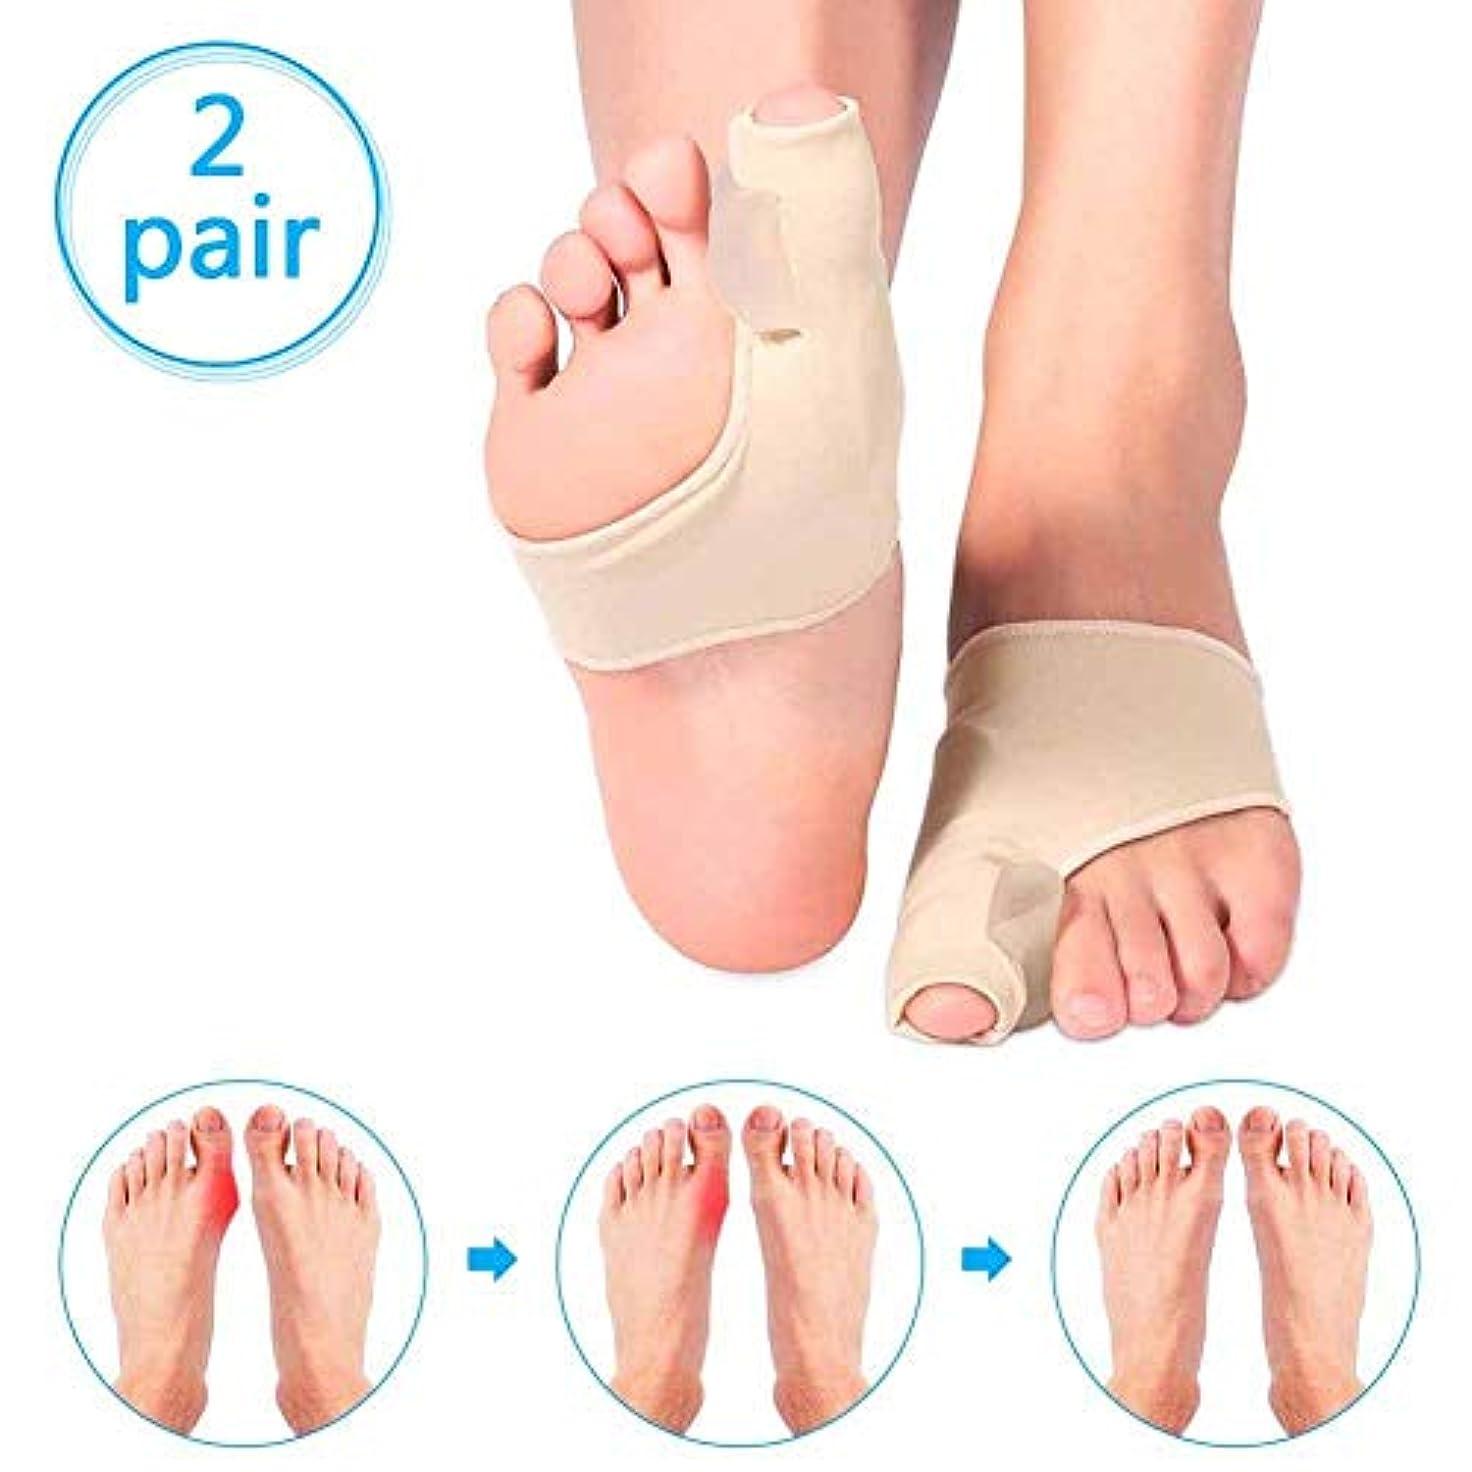 泥どこにも上流の外反母lieリリーフスリーブ、外反母for用の内蔵シリコンゲルパッド別足、外反母surgery手術の痛みの緩和(2ペア)